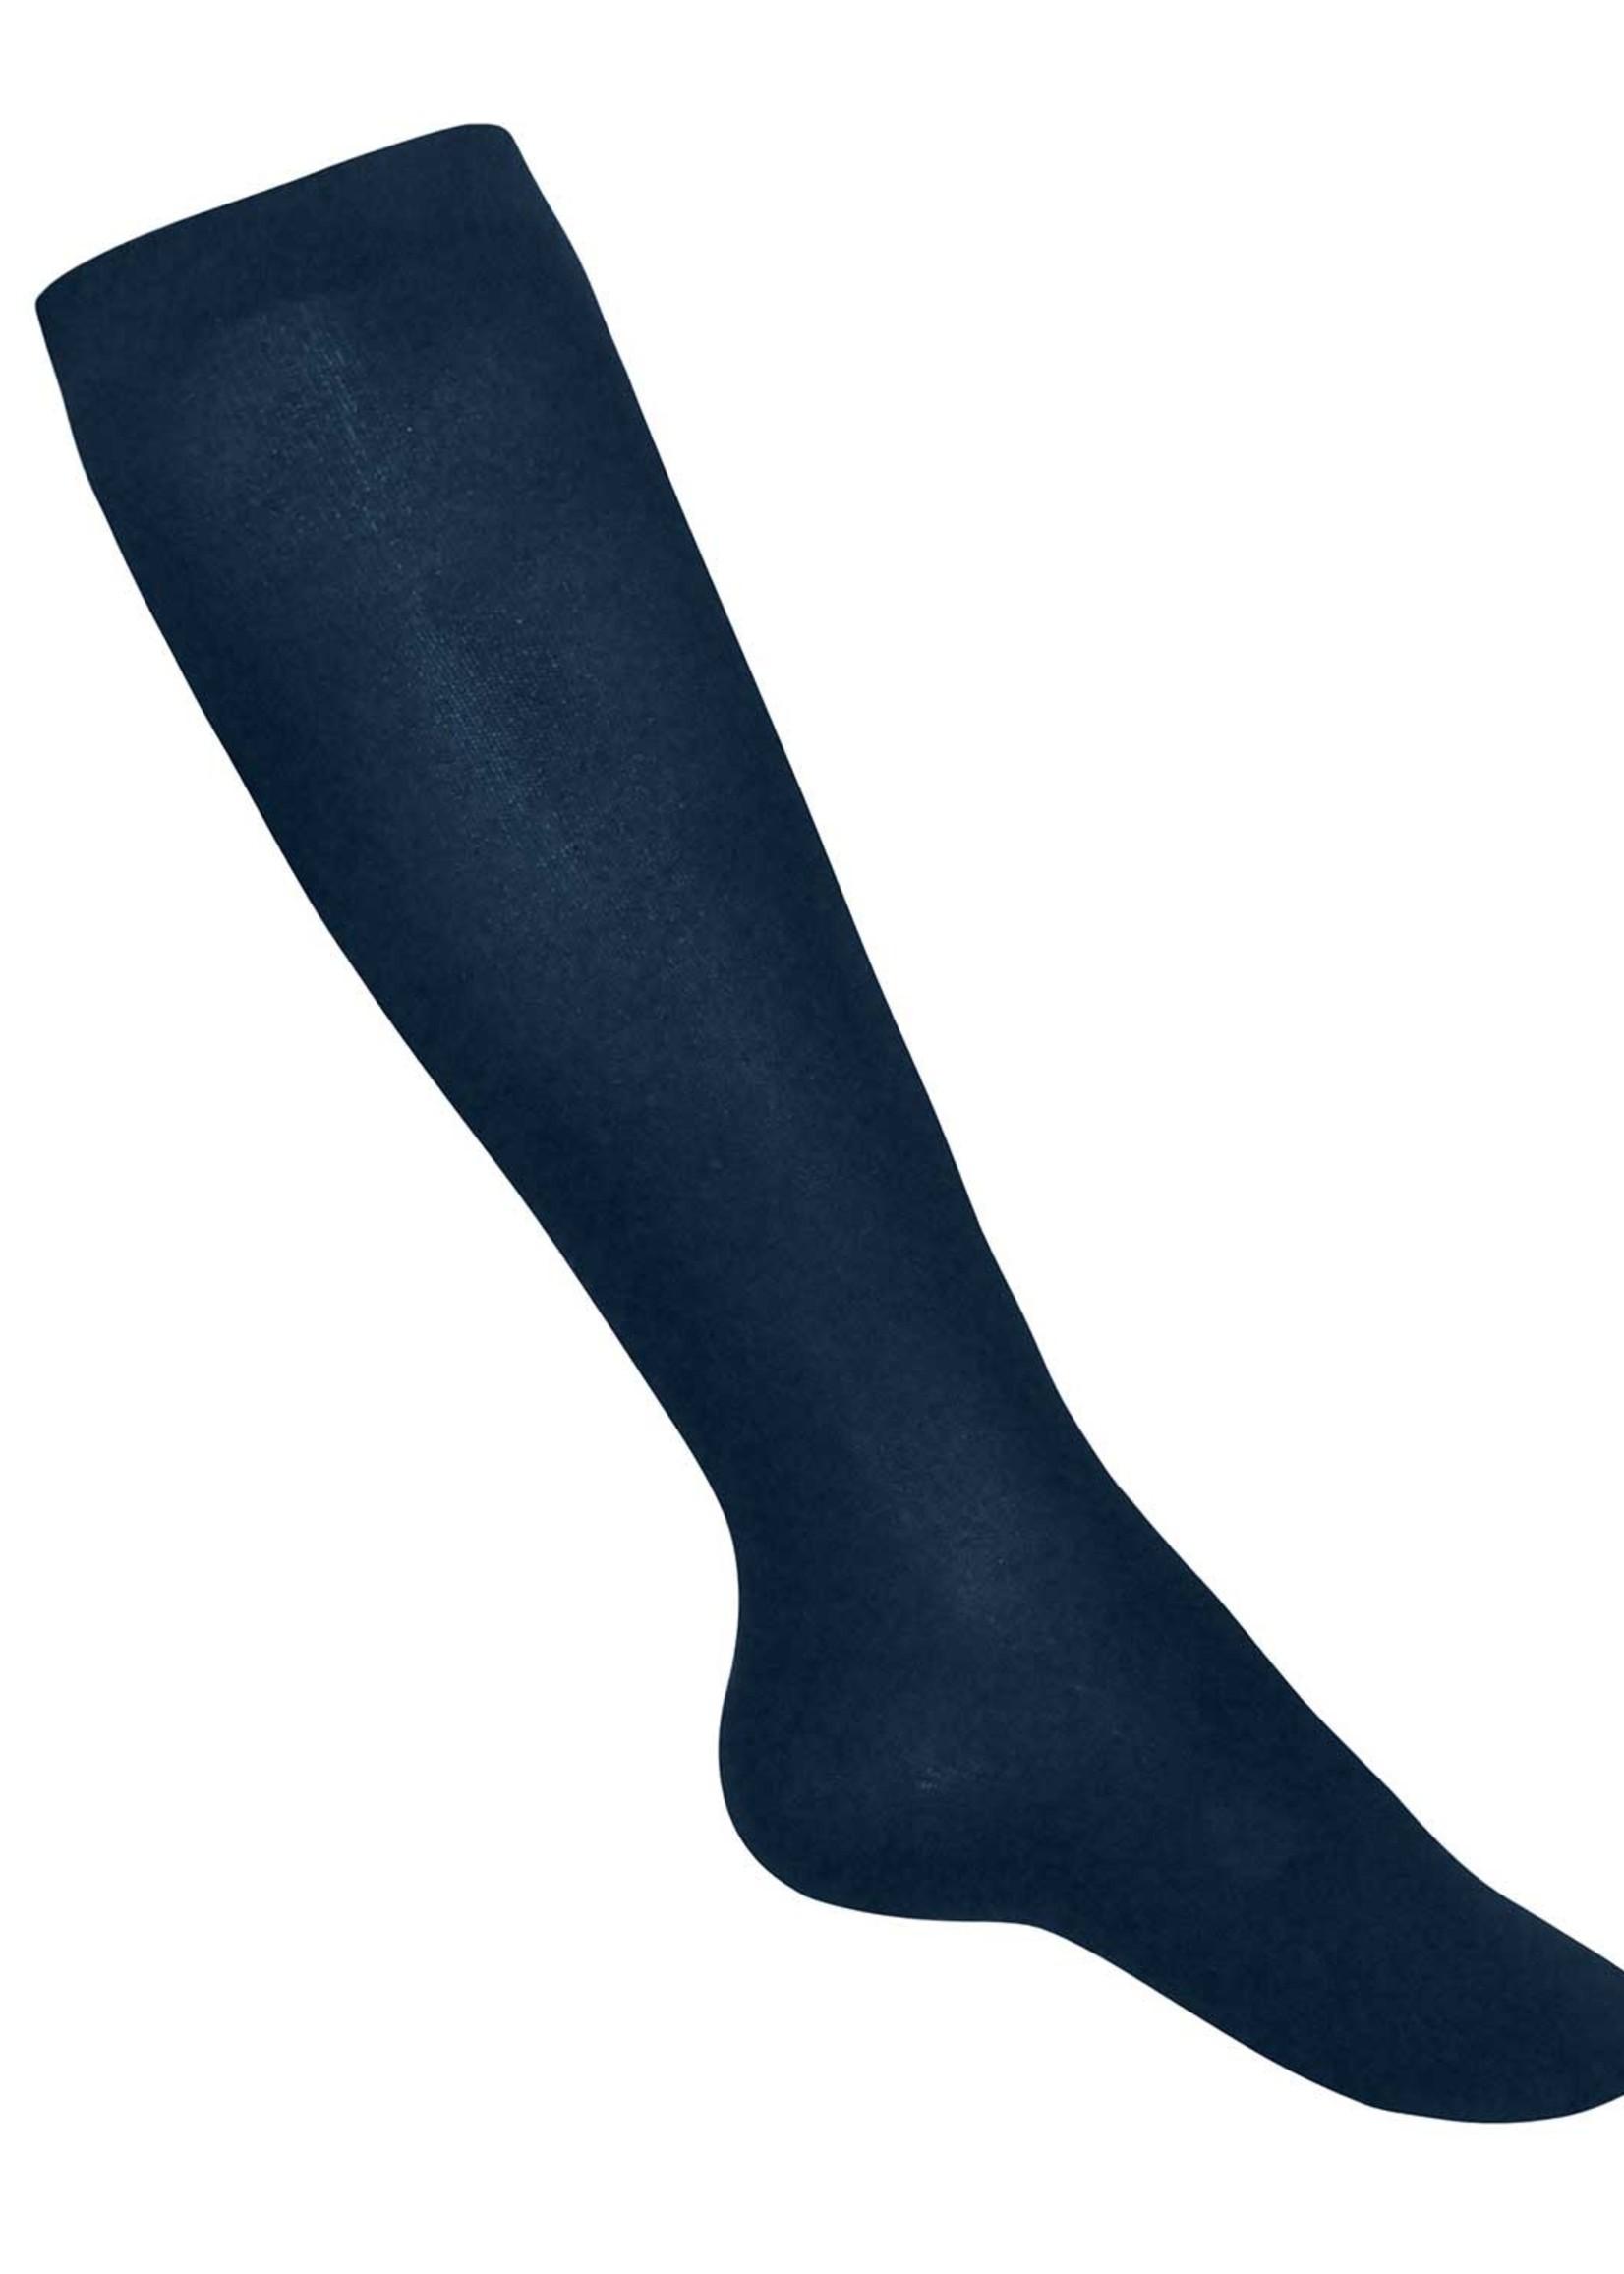 0505 Socks Knee Hi Opaque